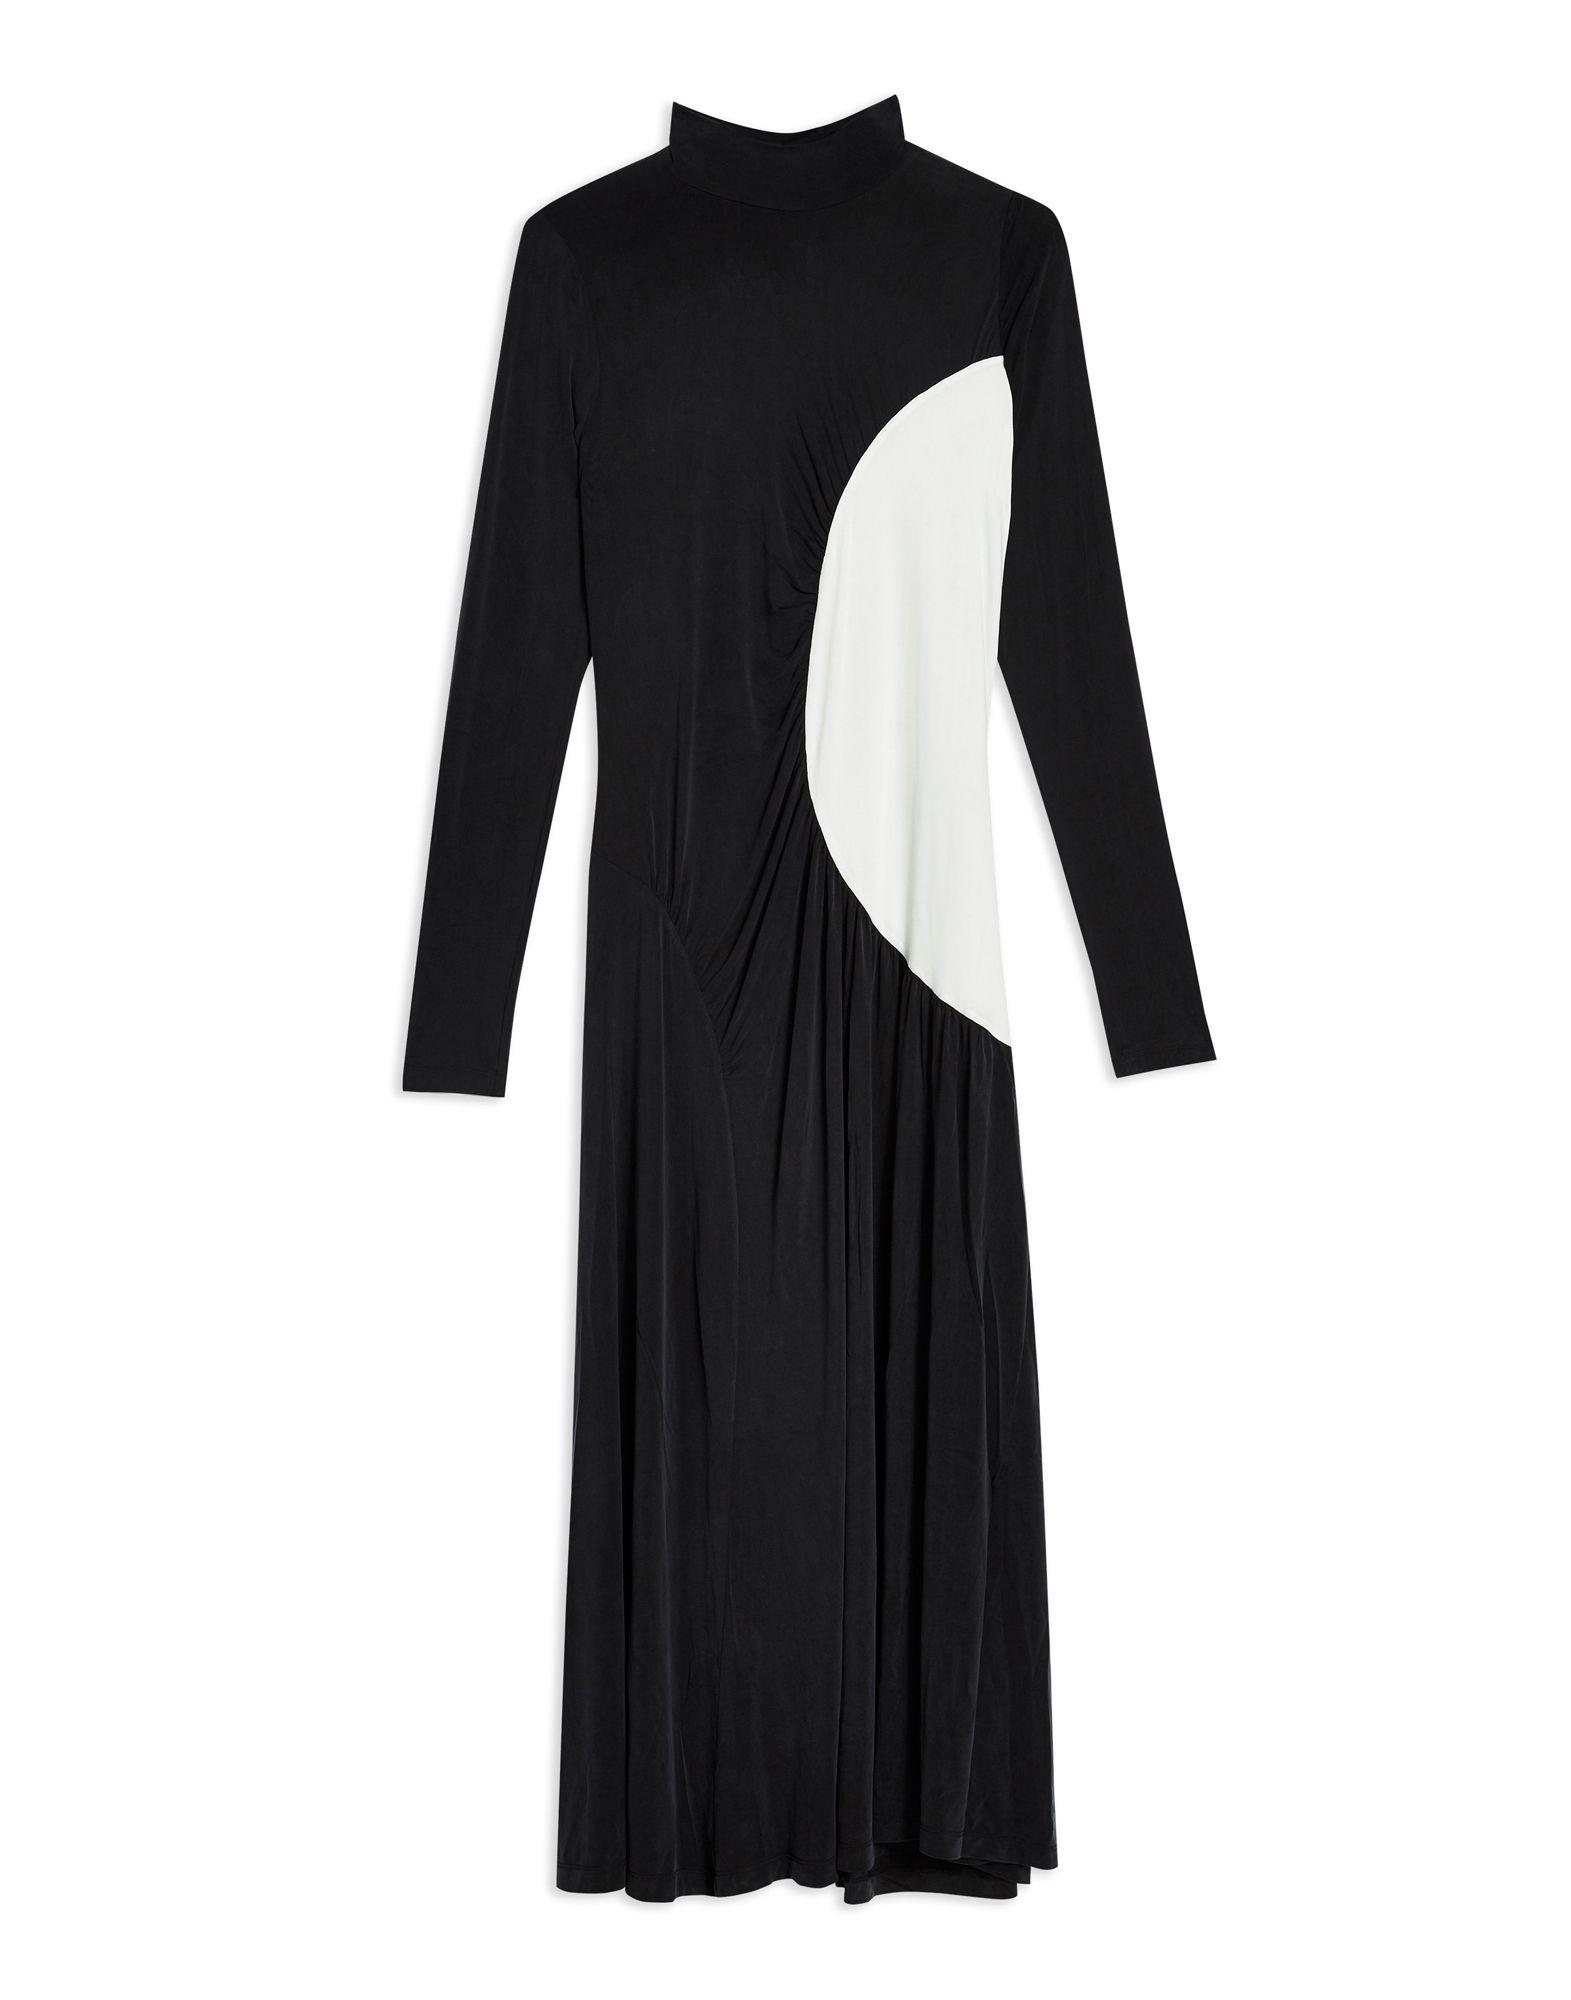 TOPSHOP BOUTIQUE Платье длиной 3/4